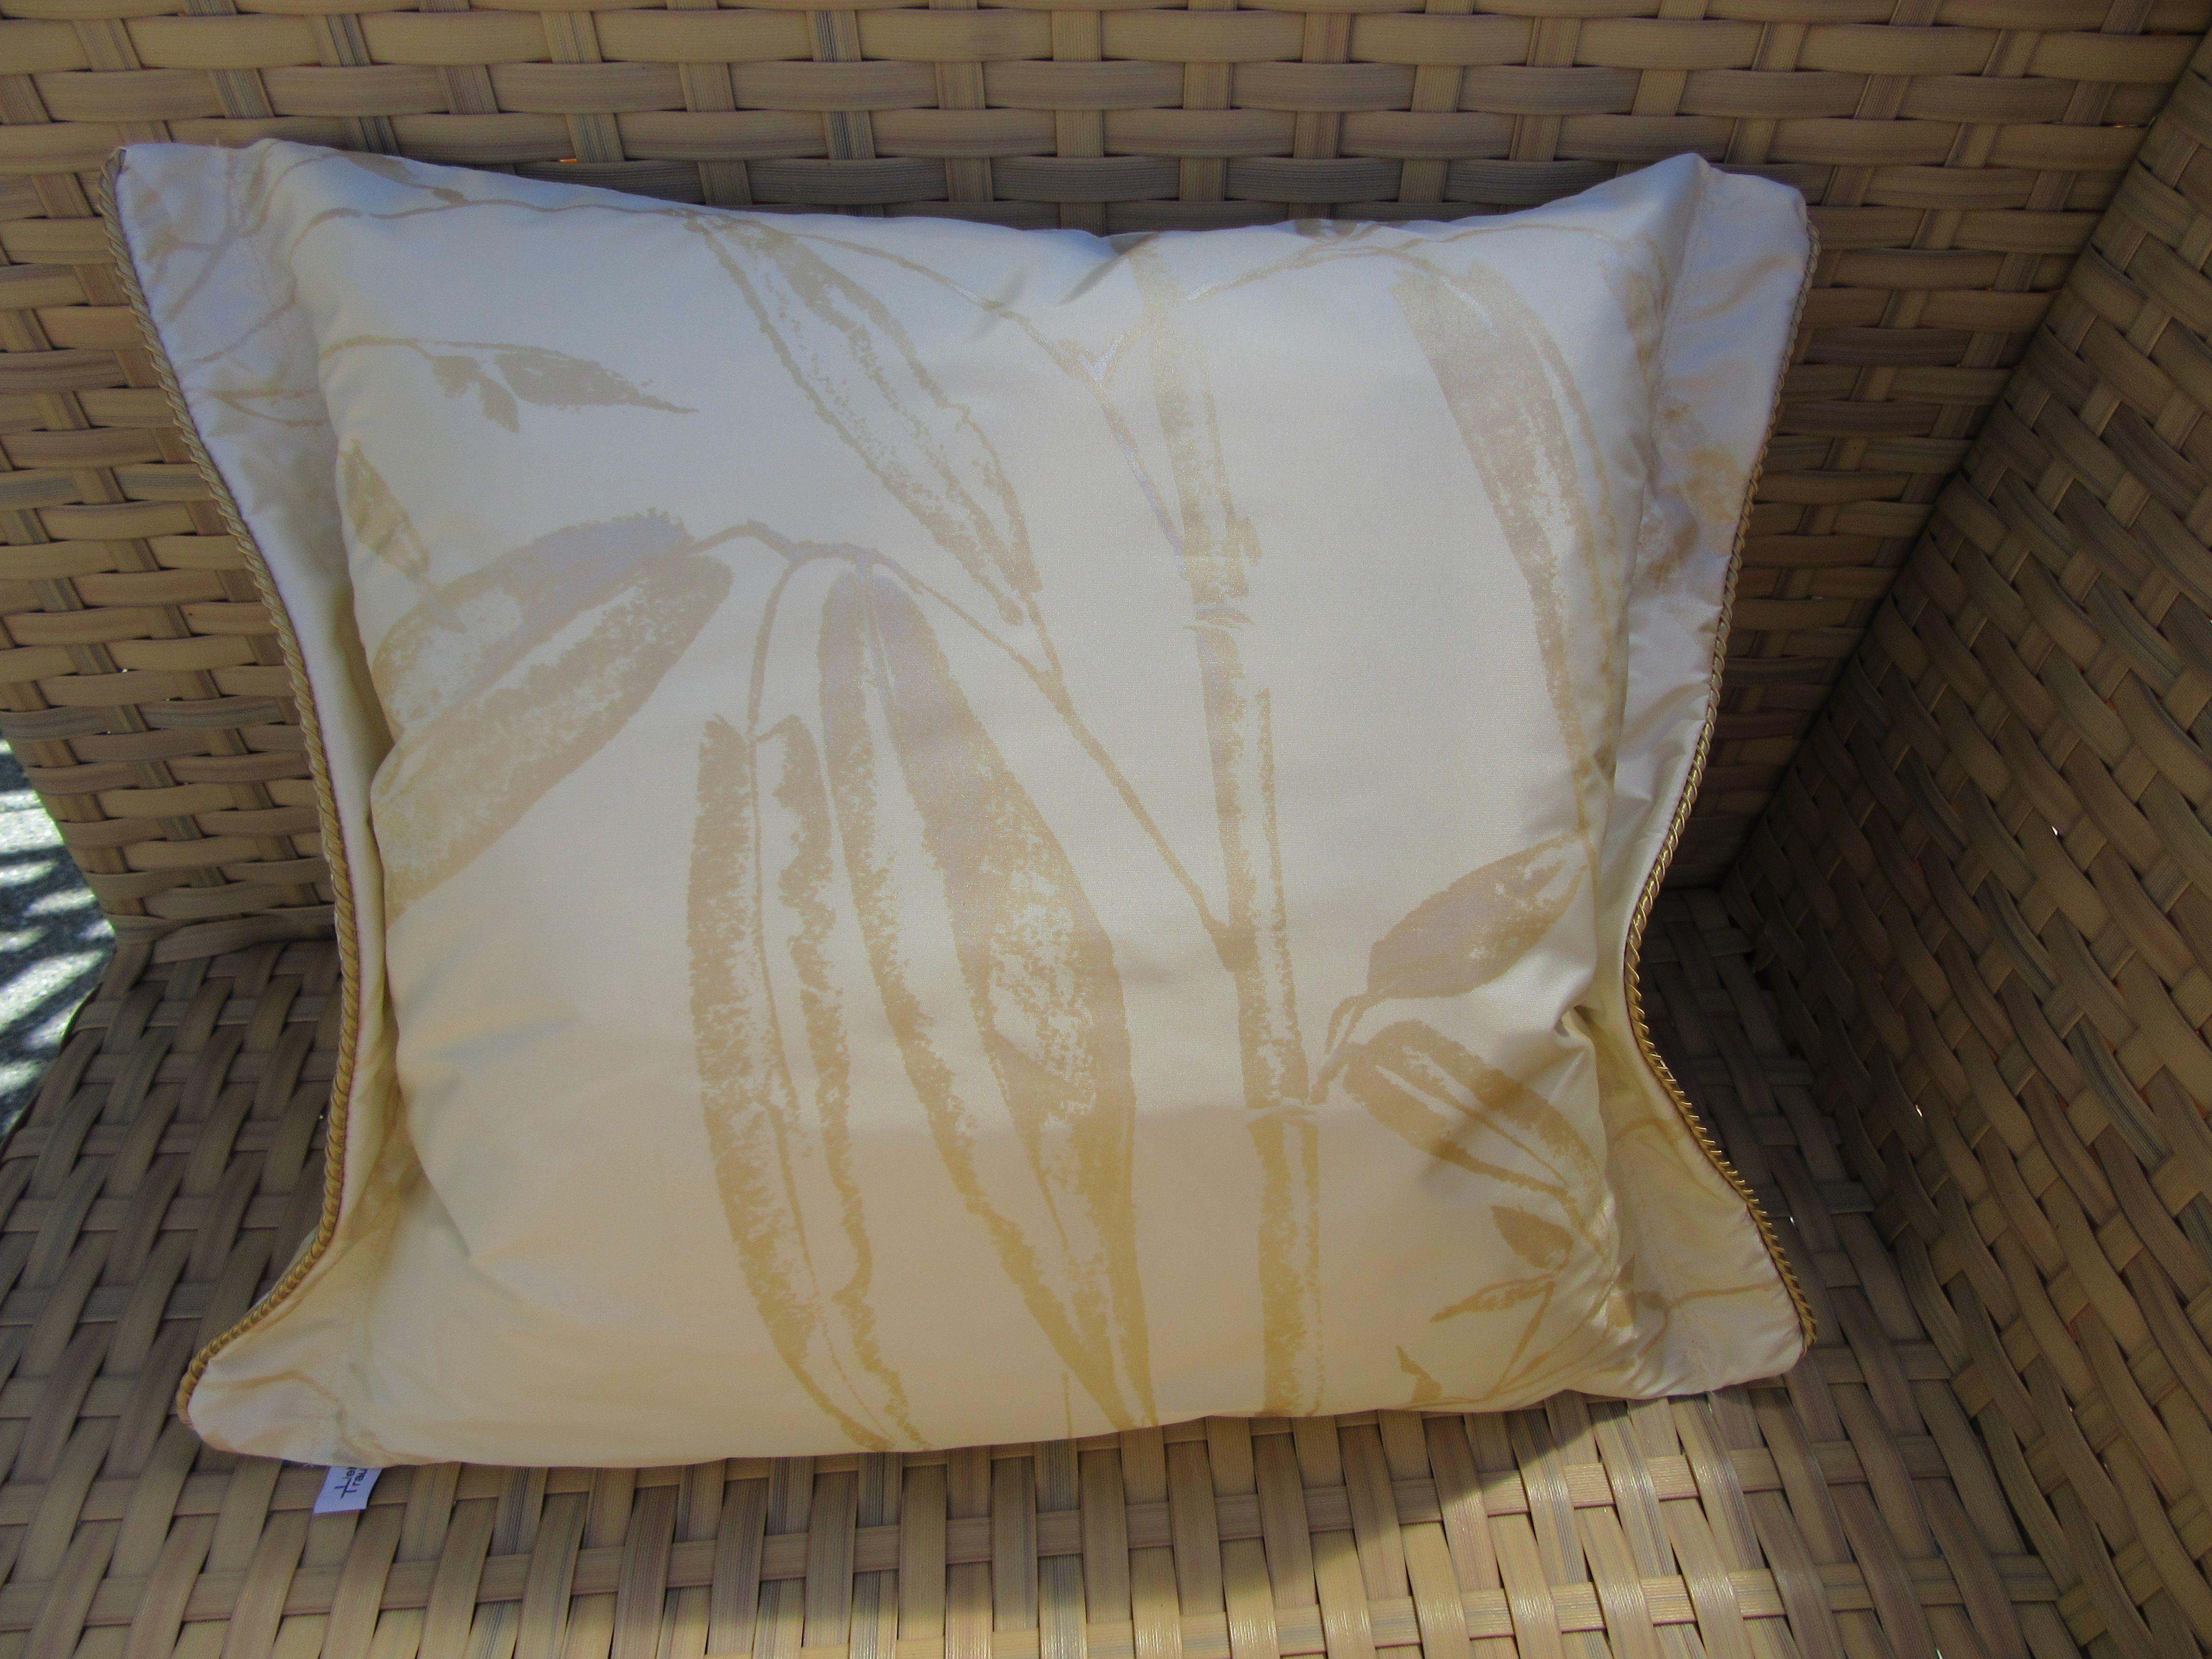 Schön für garten pillows cushion kissen ebtraumkissen